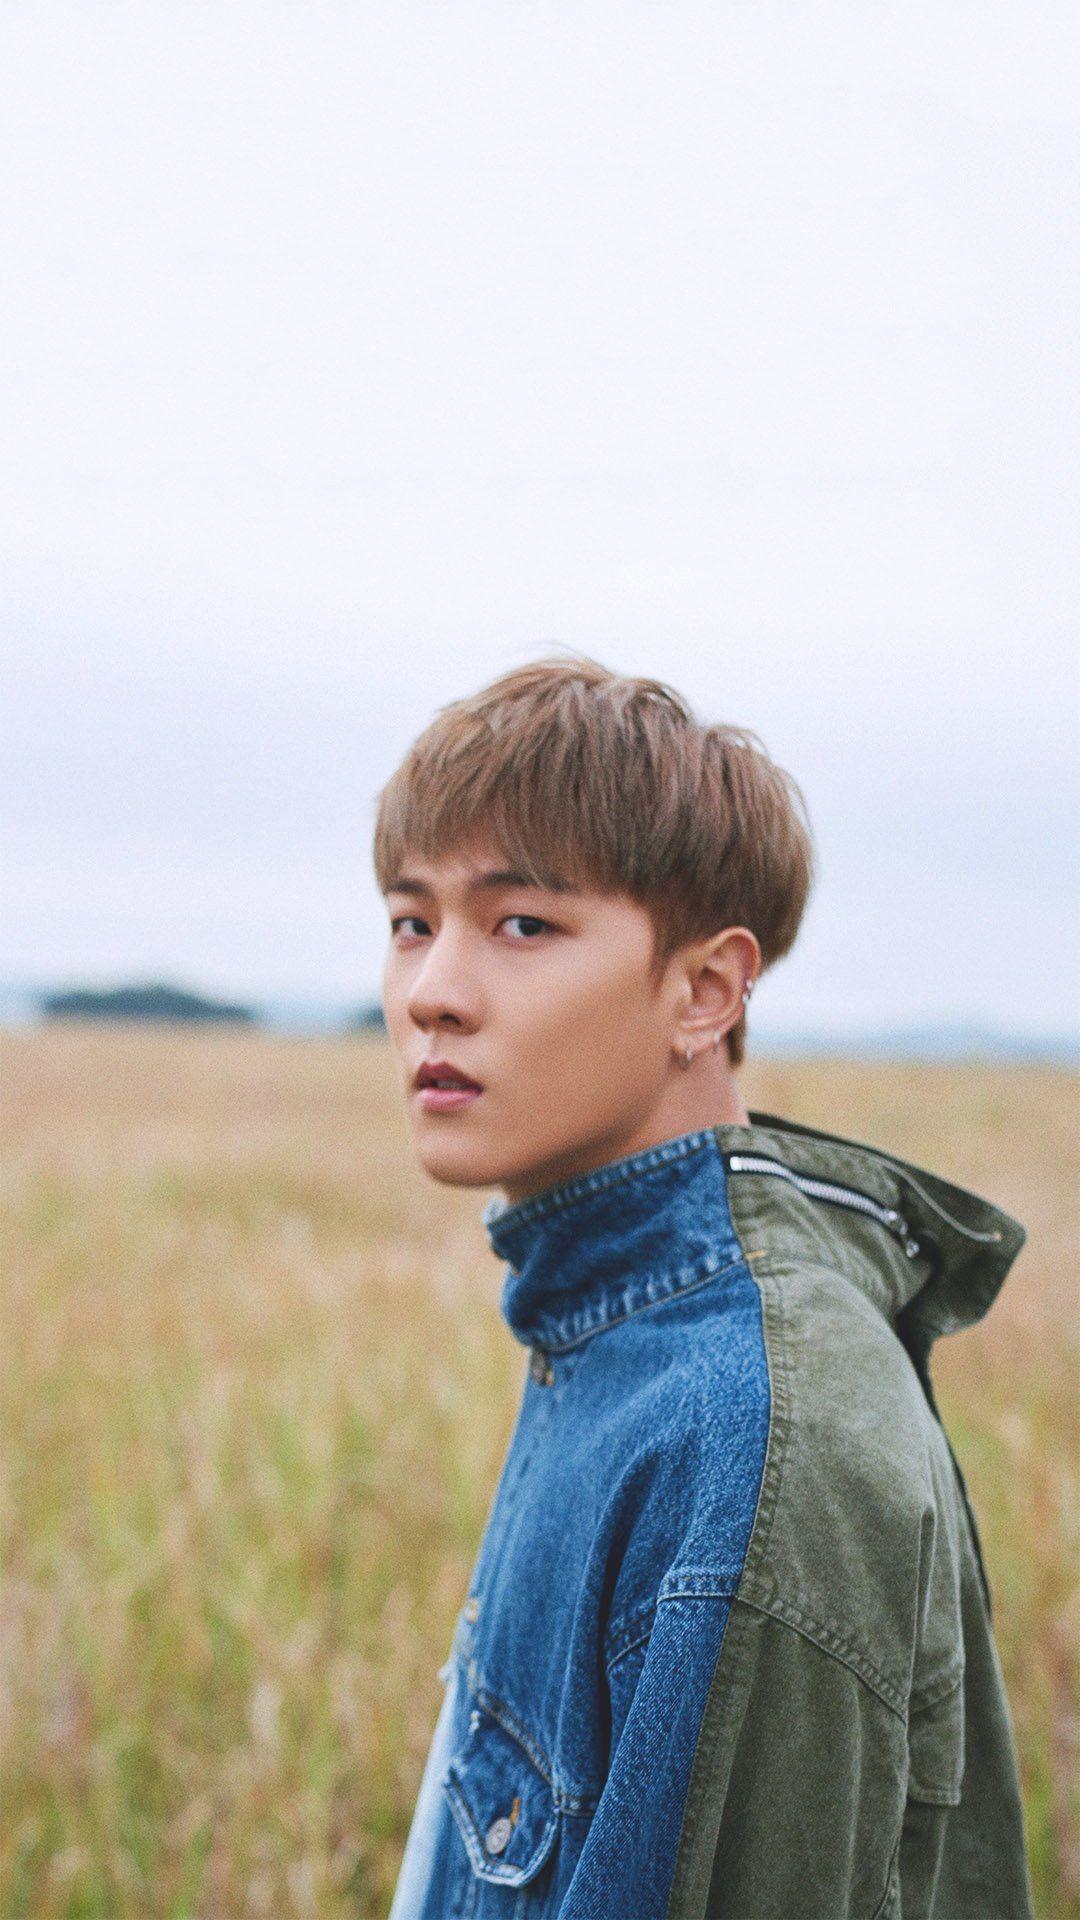 Donghyuk Kim Ikon Bobby